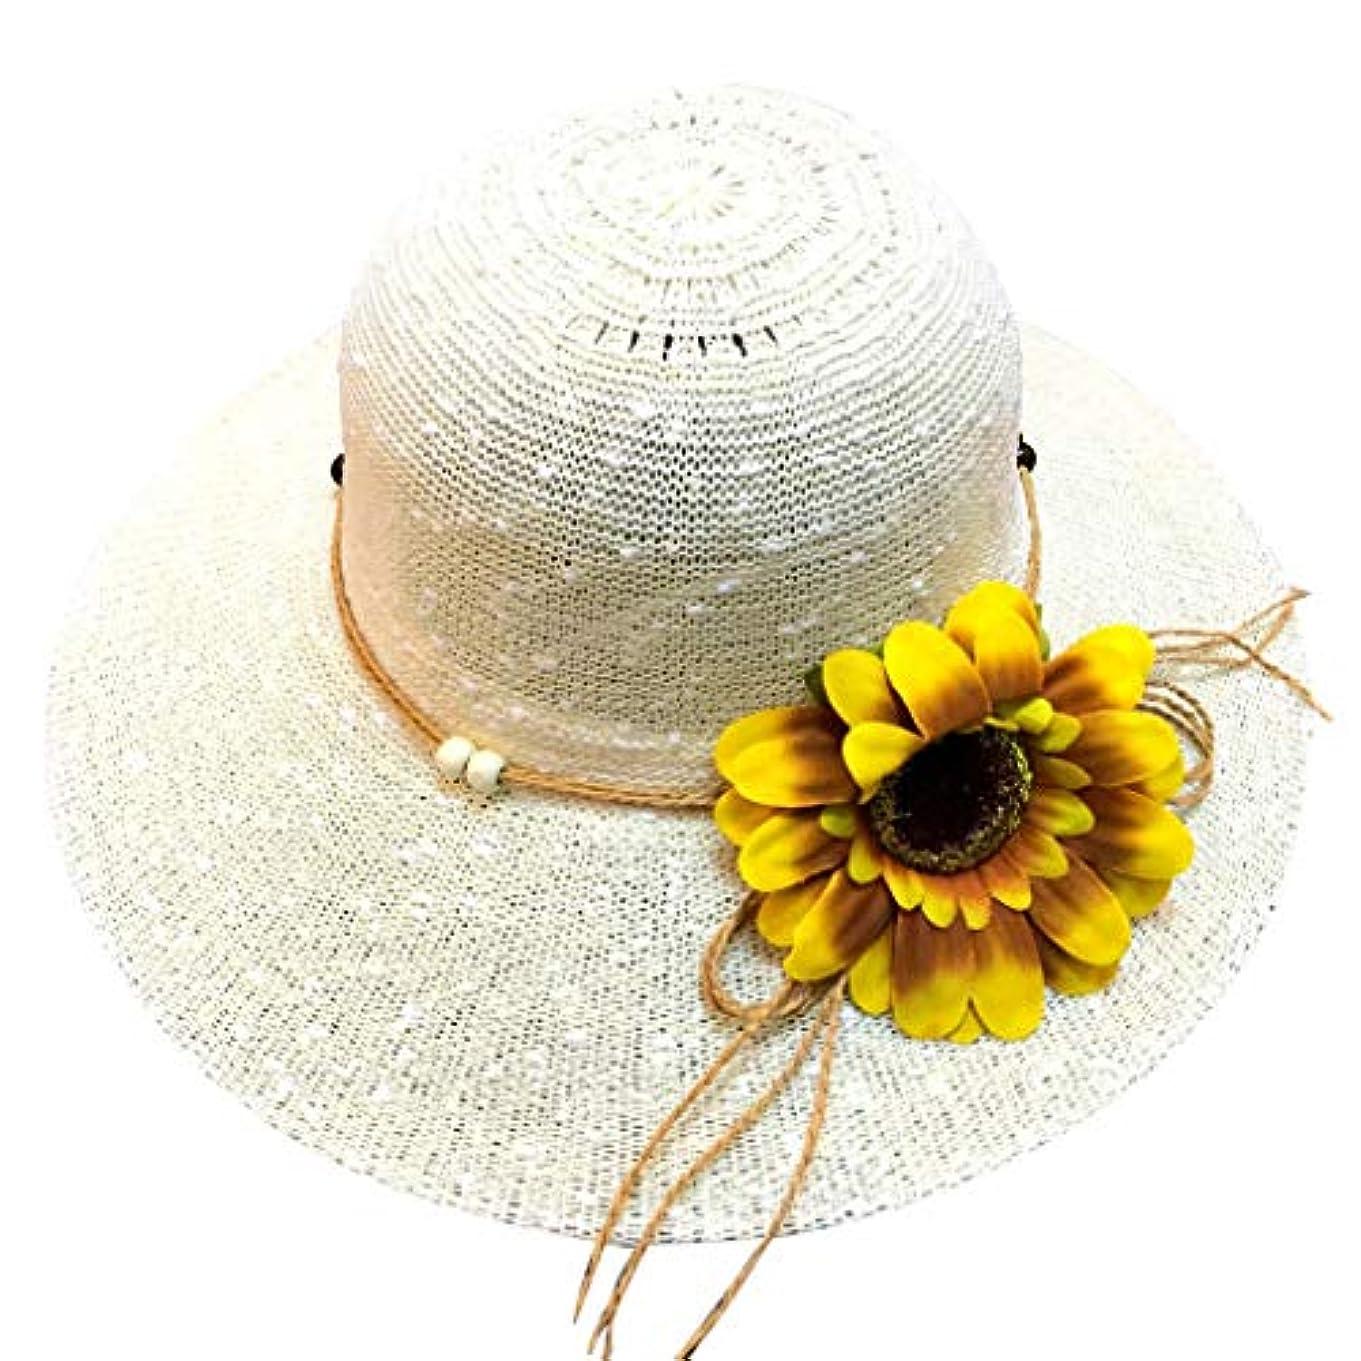 薄い泣いている膜帽子 レディース アウトドア 夏 春 UVカット 帽子 ハット 漁師帽 日焼け防止 つば広 紫外線対策 大きいサイズ ひまわり 可愛い ハット 旅行用 日よけ 夏季 ビーチ 無地 ハット レディース 女性 ROSE ROMAN